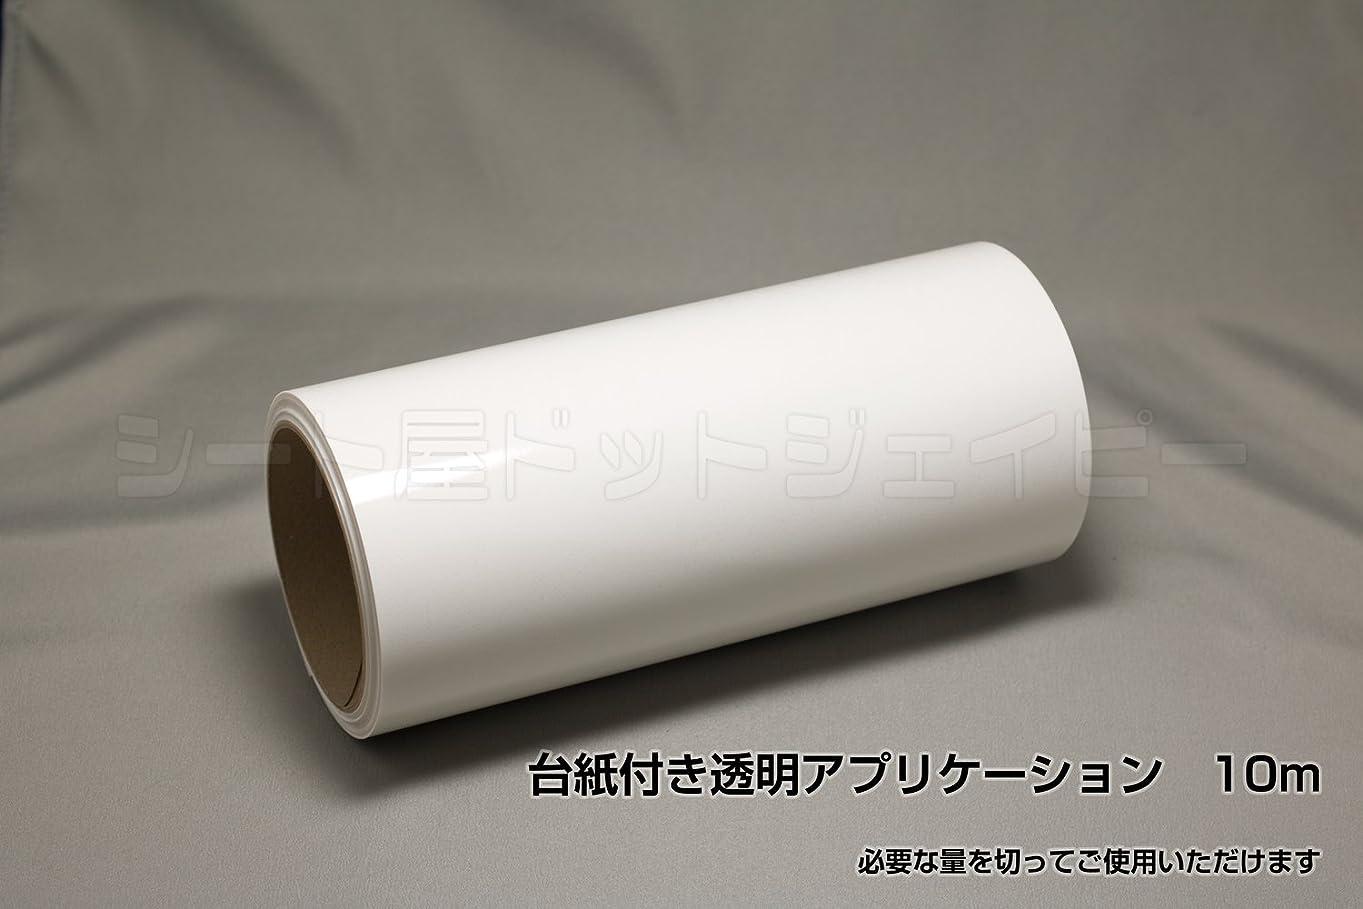 あえて効能ある超音速屋外耐候性 中期3年タイプ マーキング シート カッティング フィルム (21cm×10m ステカSV-8 シルエットカメオ クラフトロボ サイズ, 064イエローグリーン)